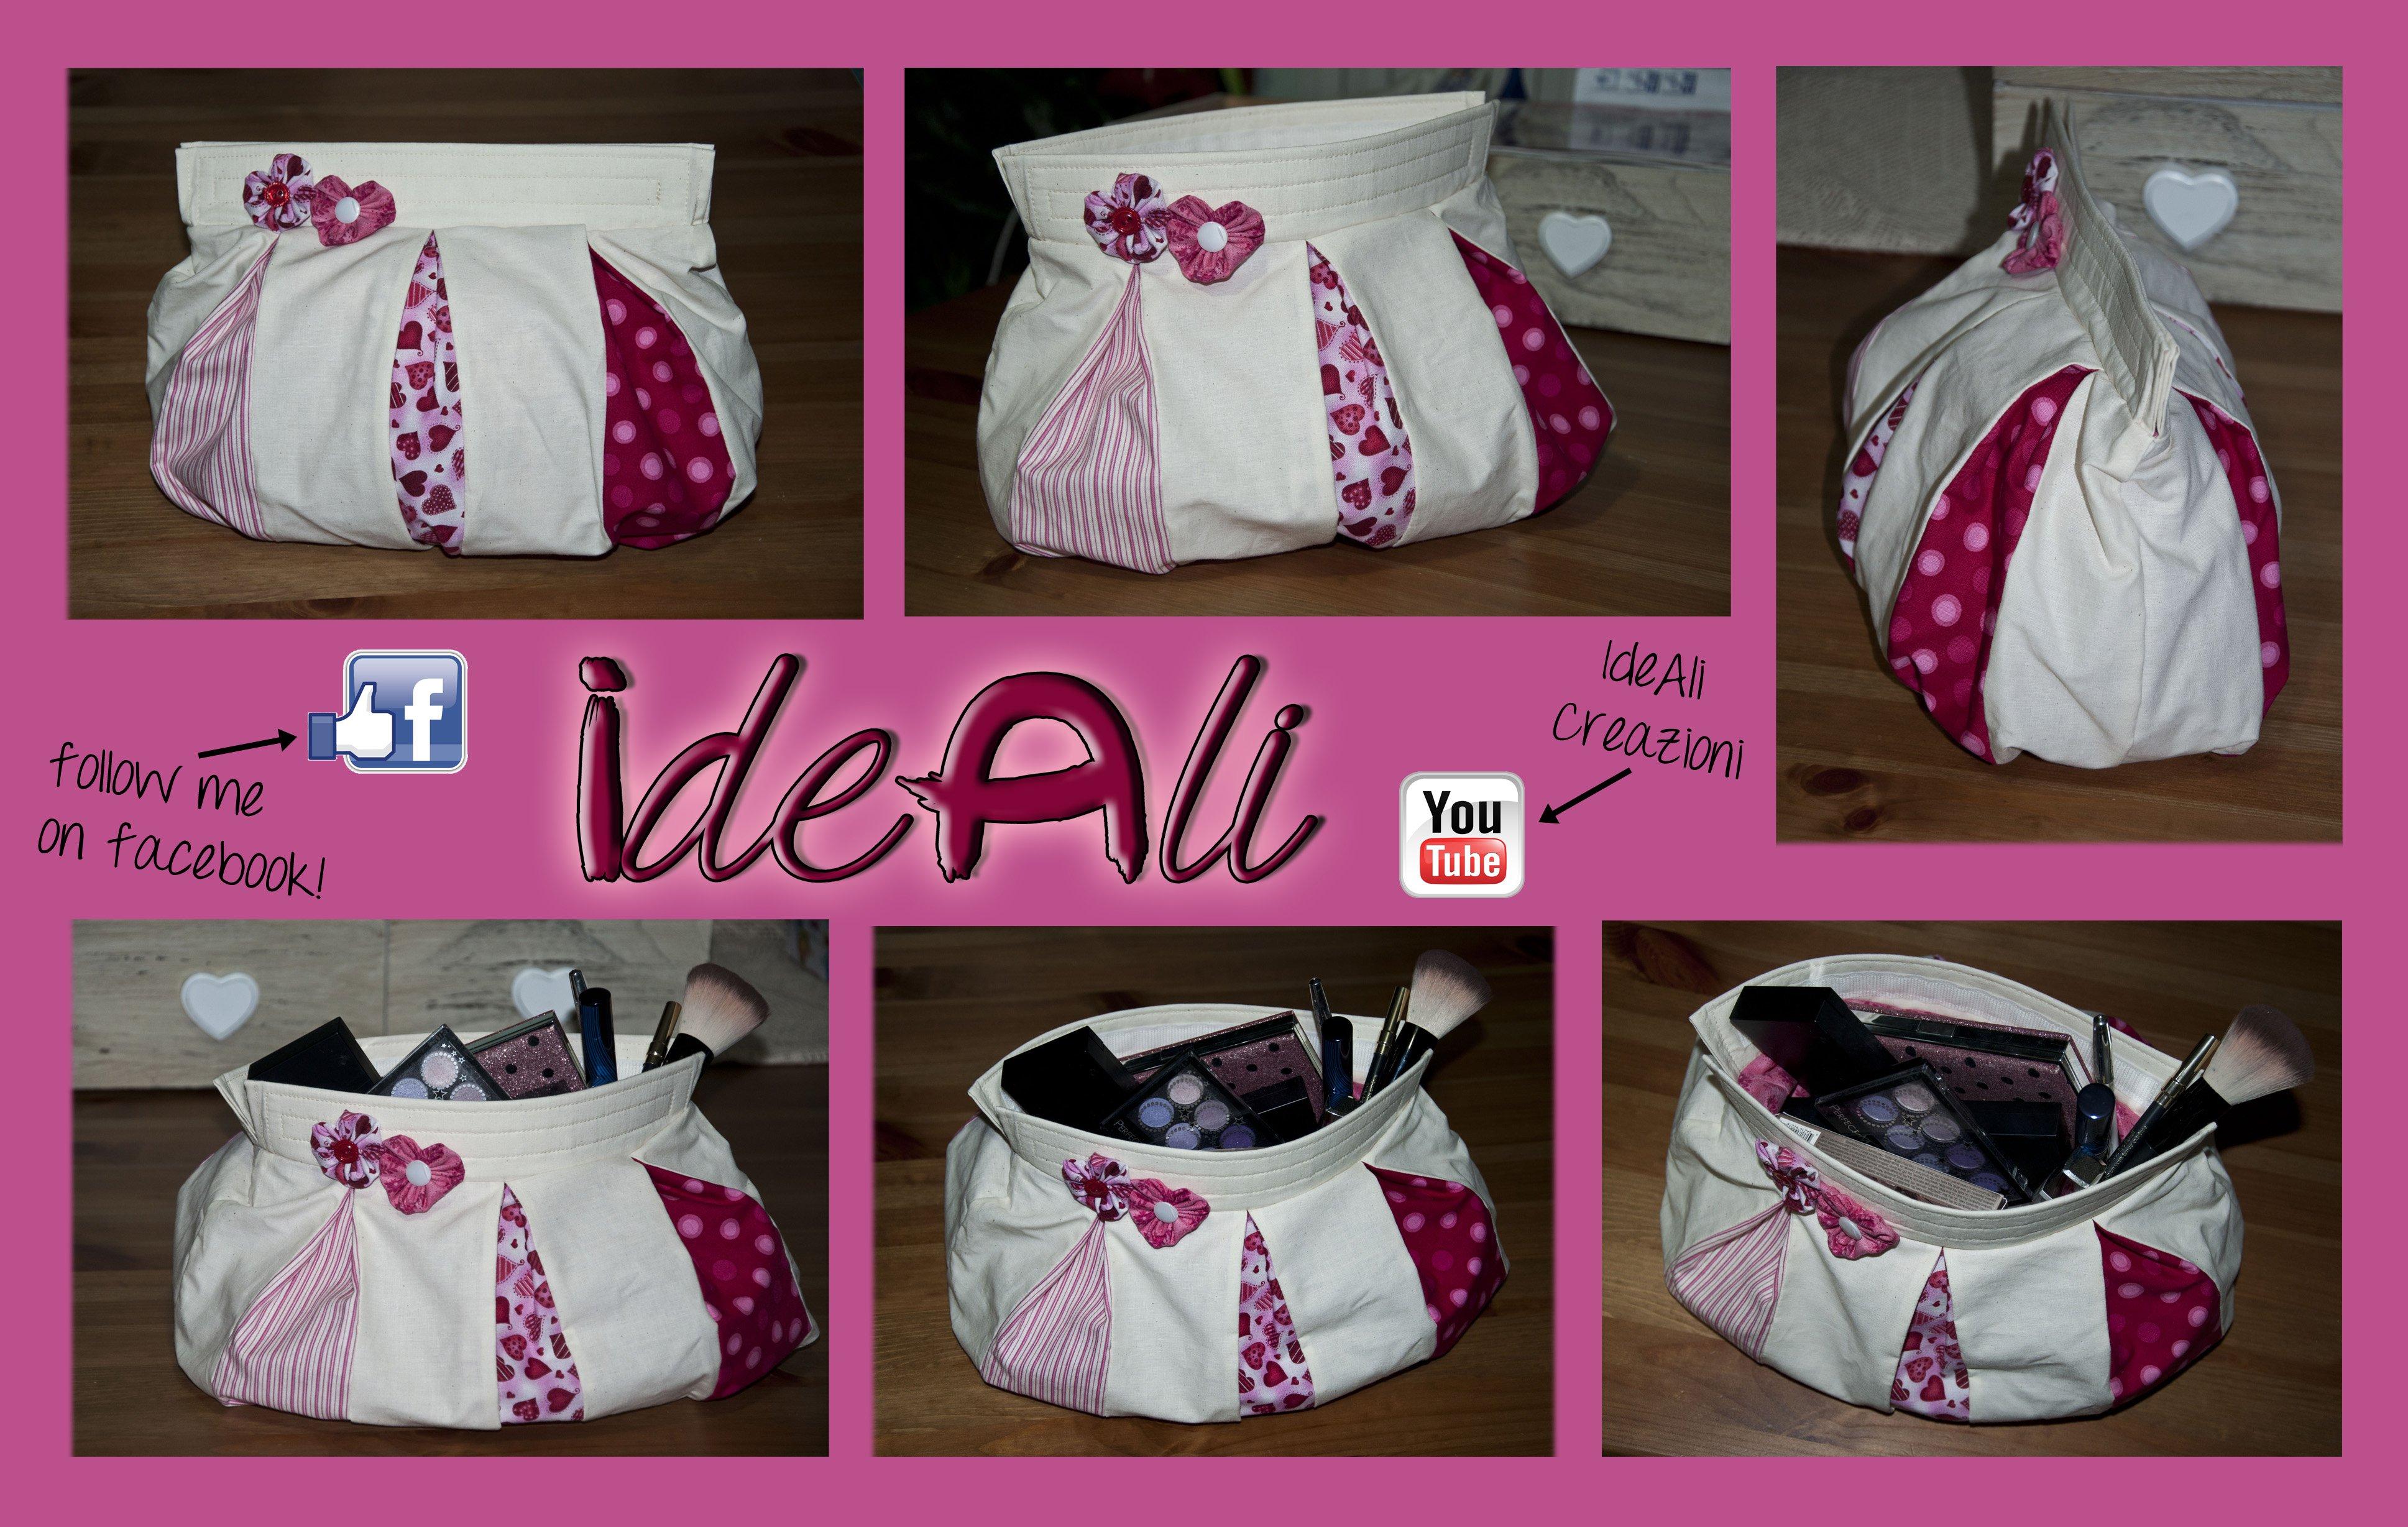 IdeAli - Beautycase